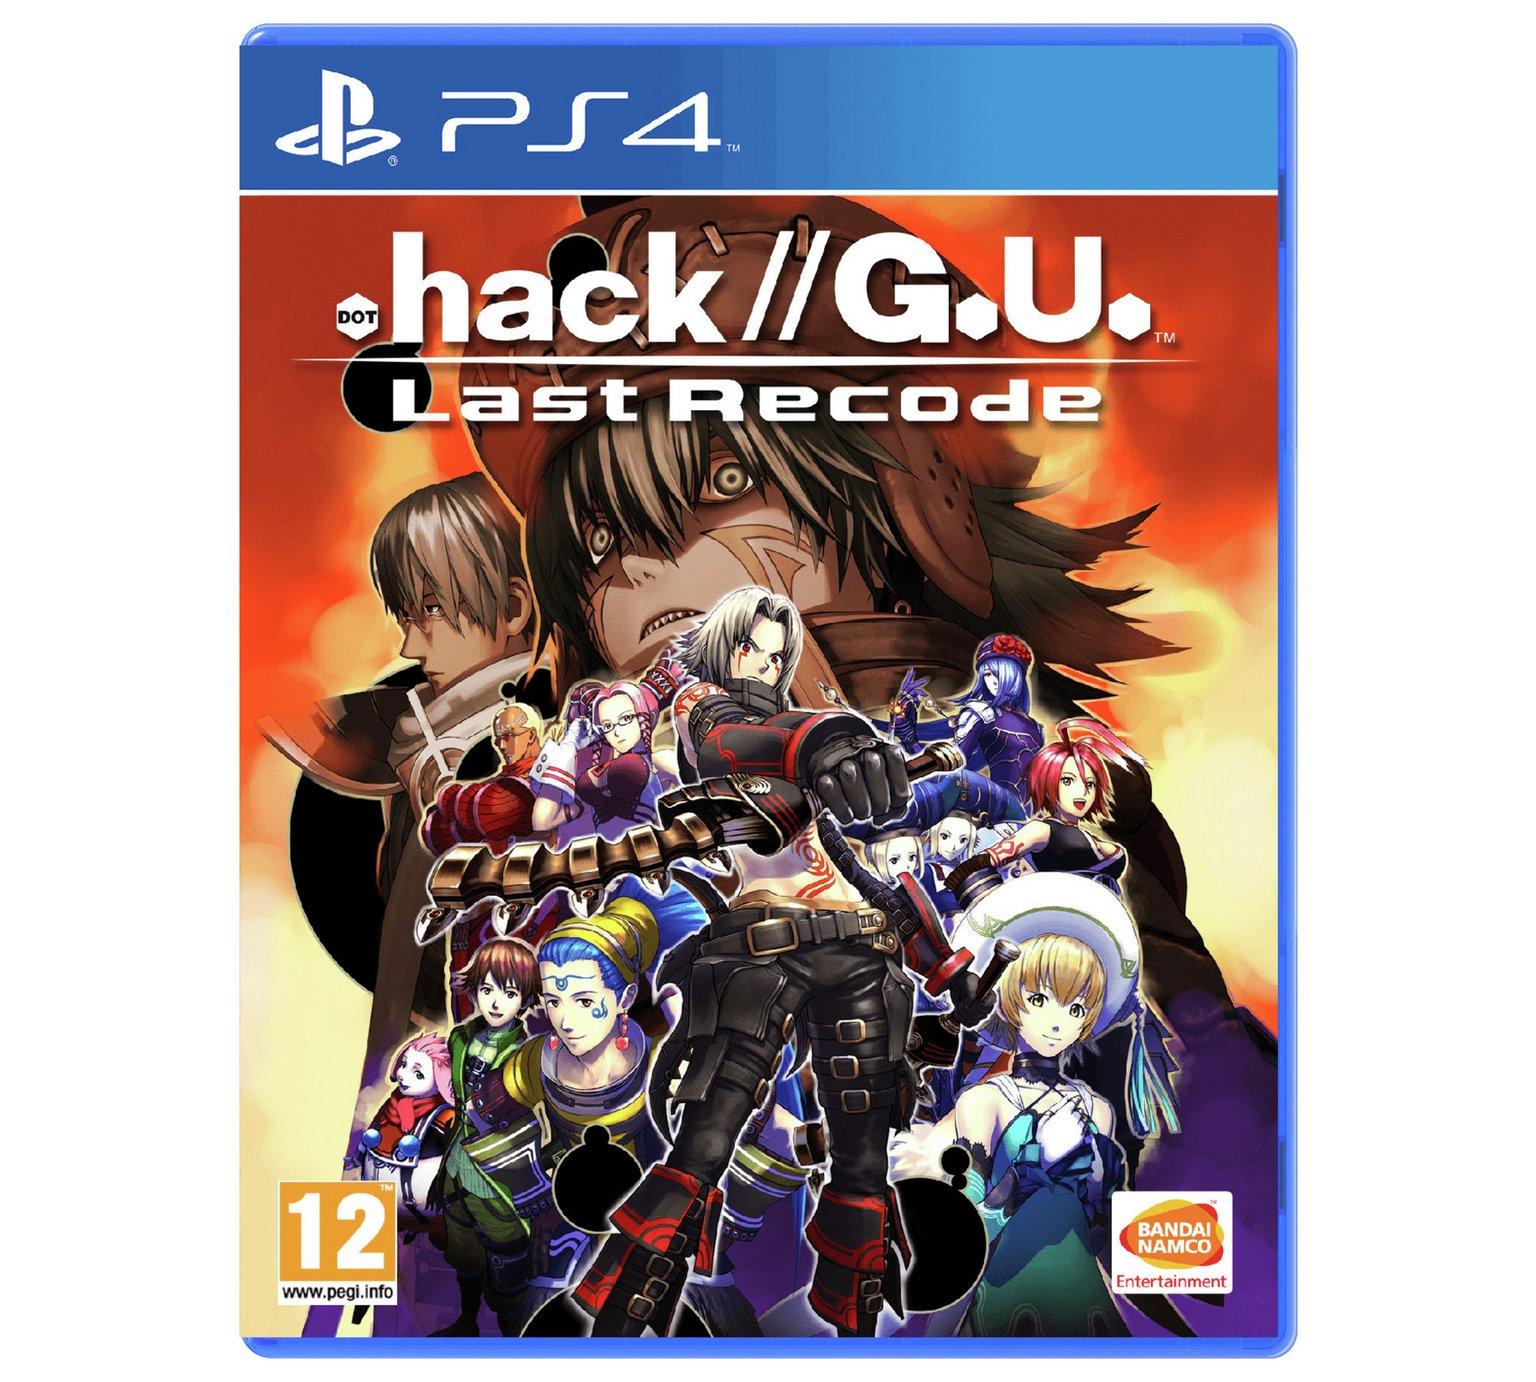 .hack//G.U Last Recode (PS4 Pre-order) £29.99 @ Argos